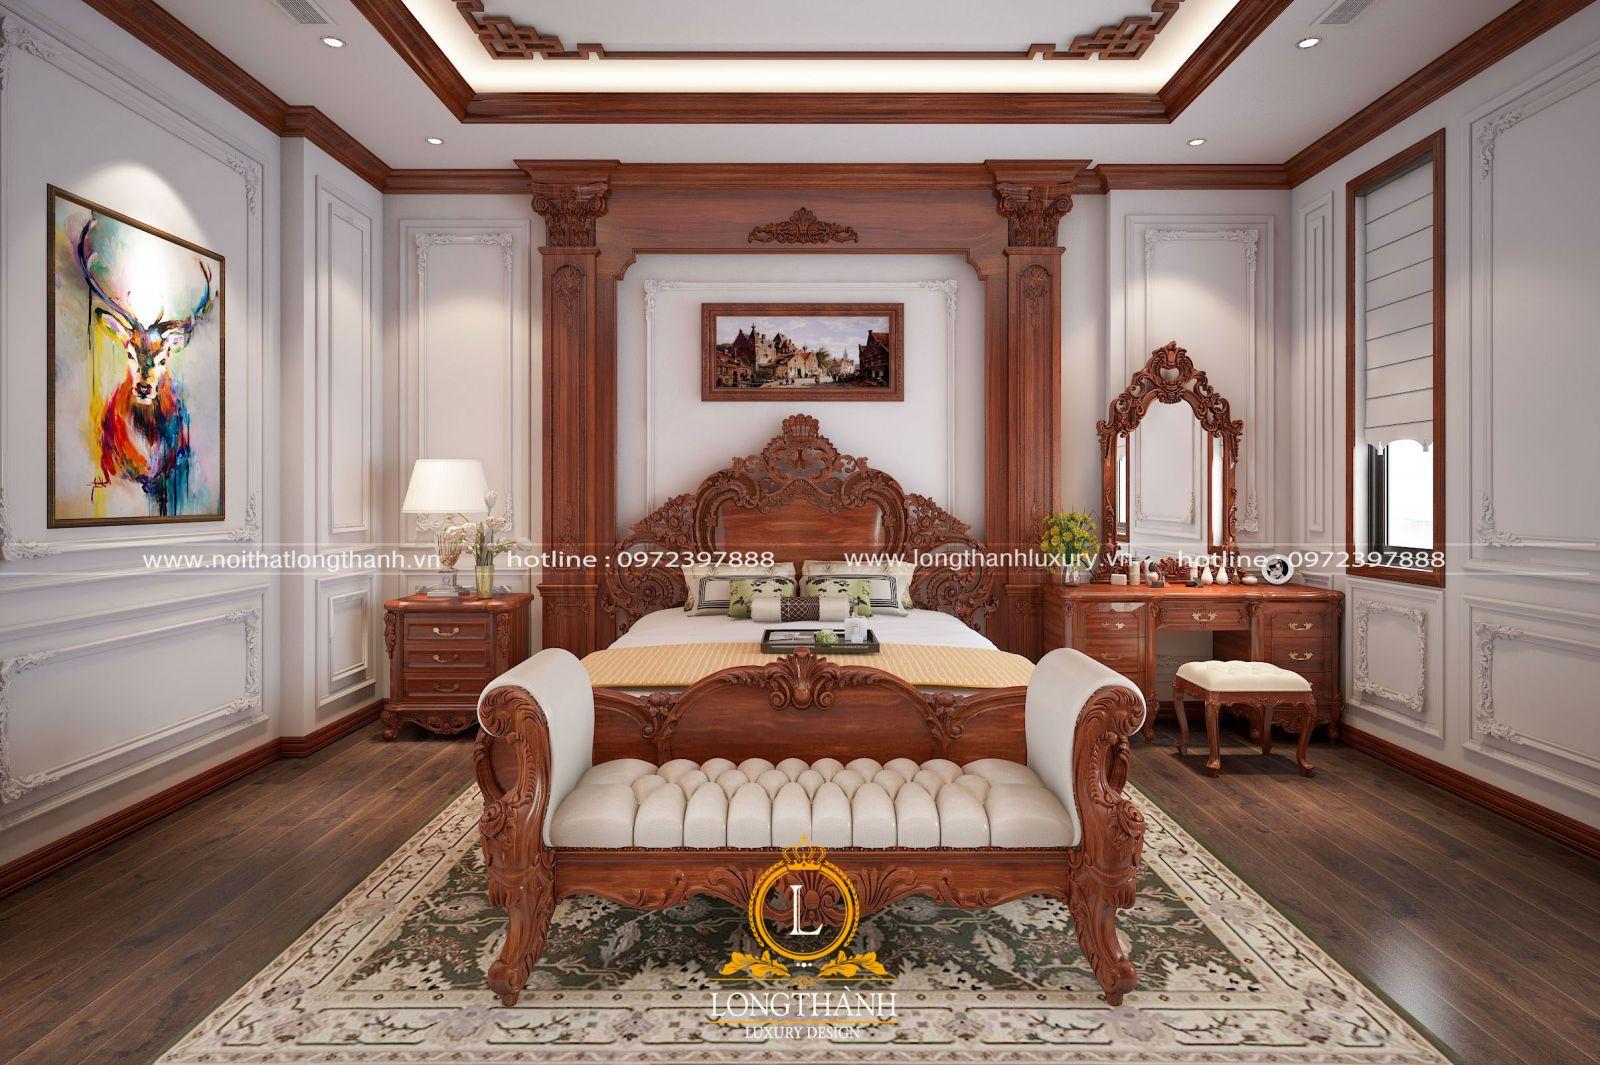 Nội thất phòng ngủ ấm cúng từ gỗ Gõ đỏ